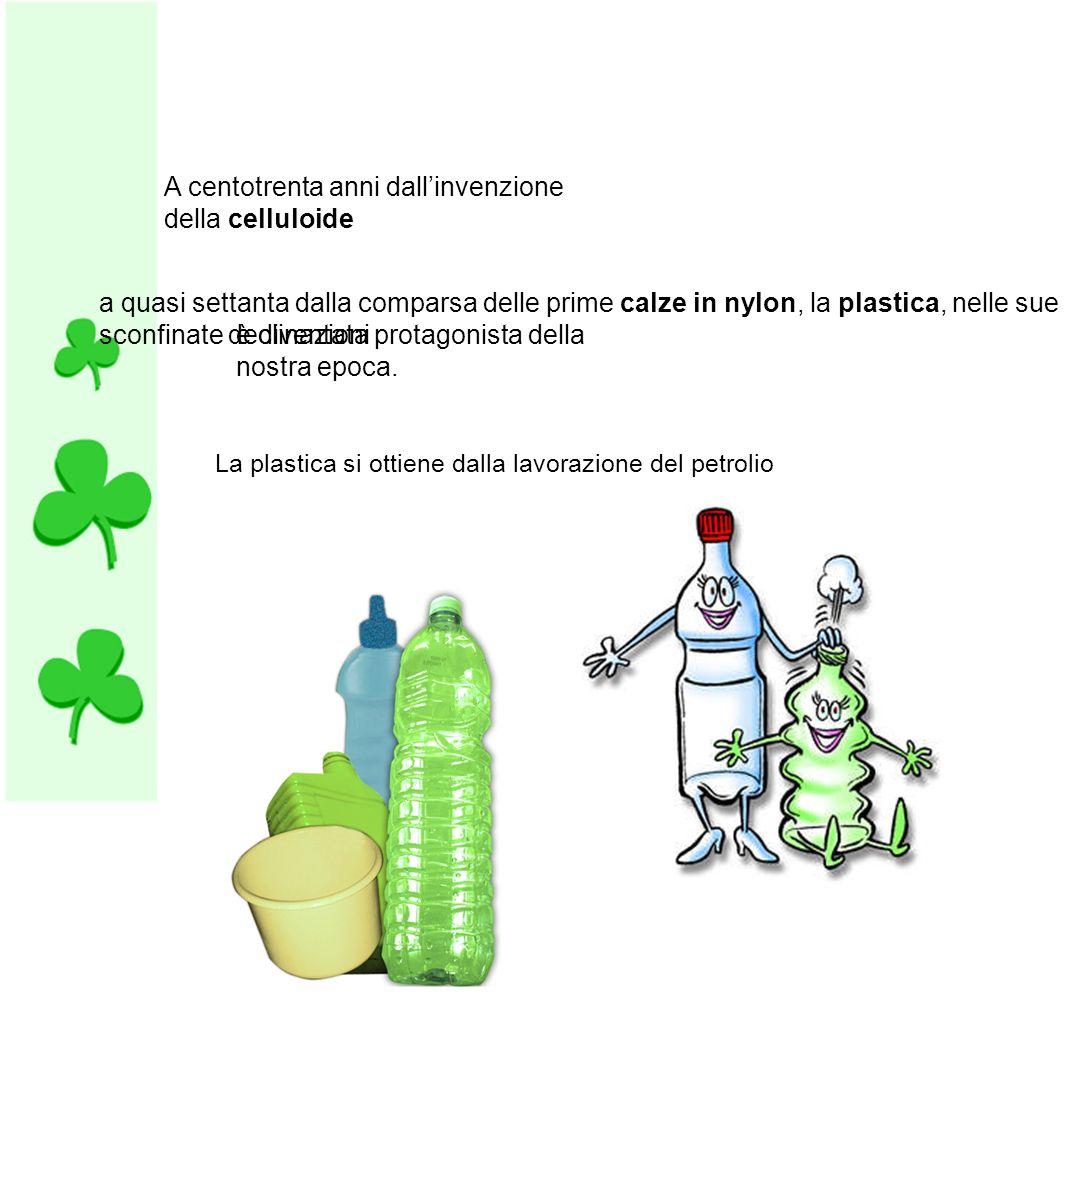 La plastica biodegradabile, al contrario, può essere assorbita dal terreno e diventare nuovamente fertilizzante per piante e cibo per i microrganismi presenti nella terrà.